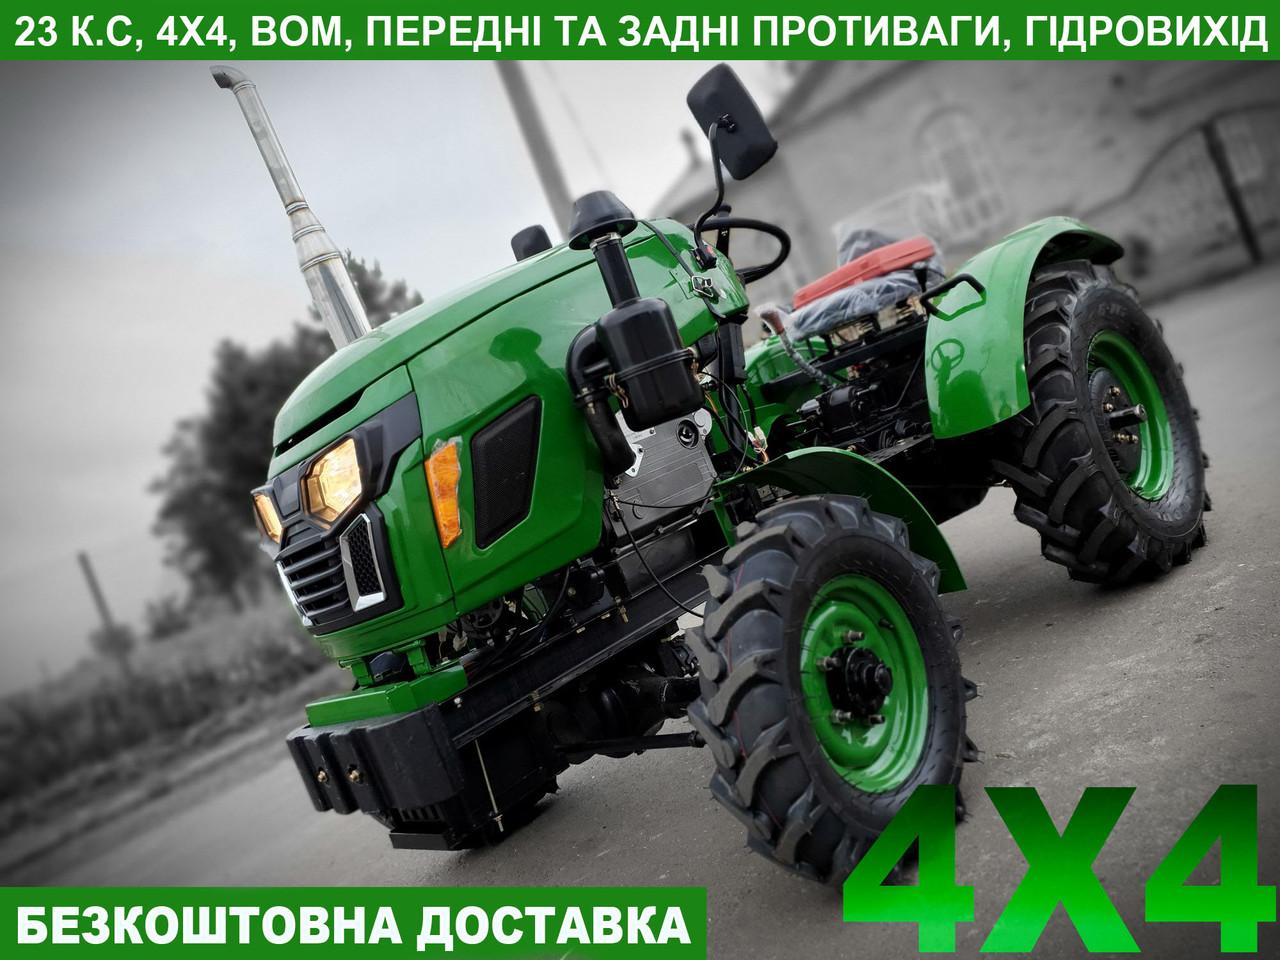 Минитрактор Булат Т-254/4х4, 23 л.с, полный привод, ВОМ 540, грузы, лучший полноприводной и не дорогой трактор